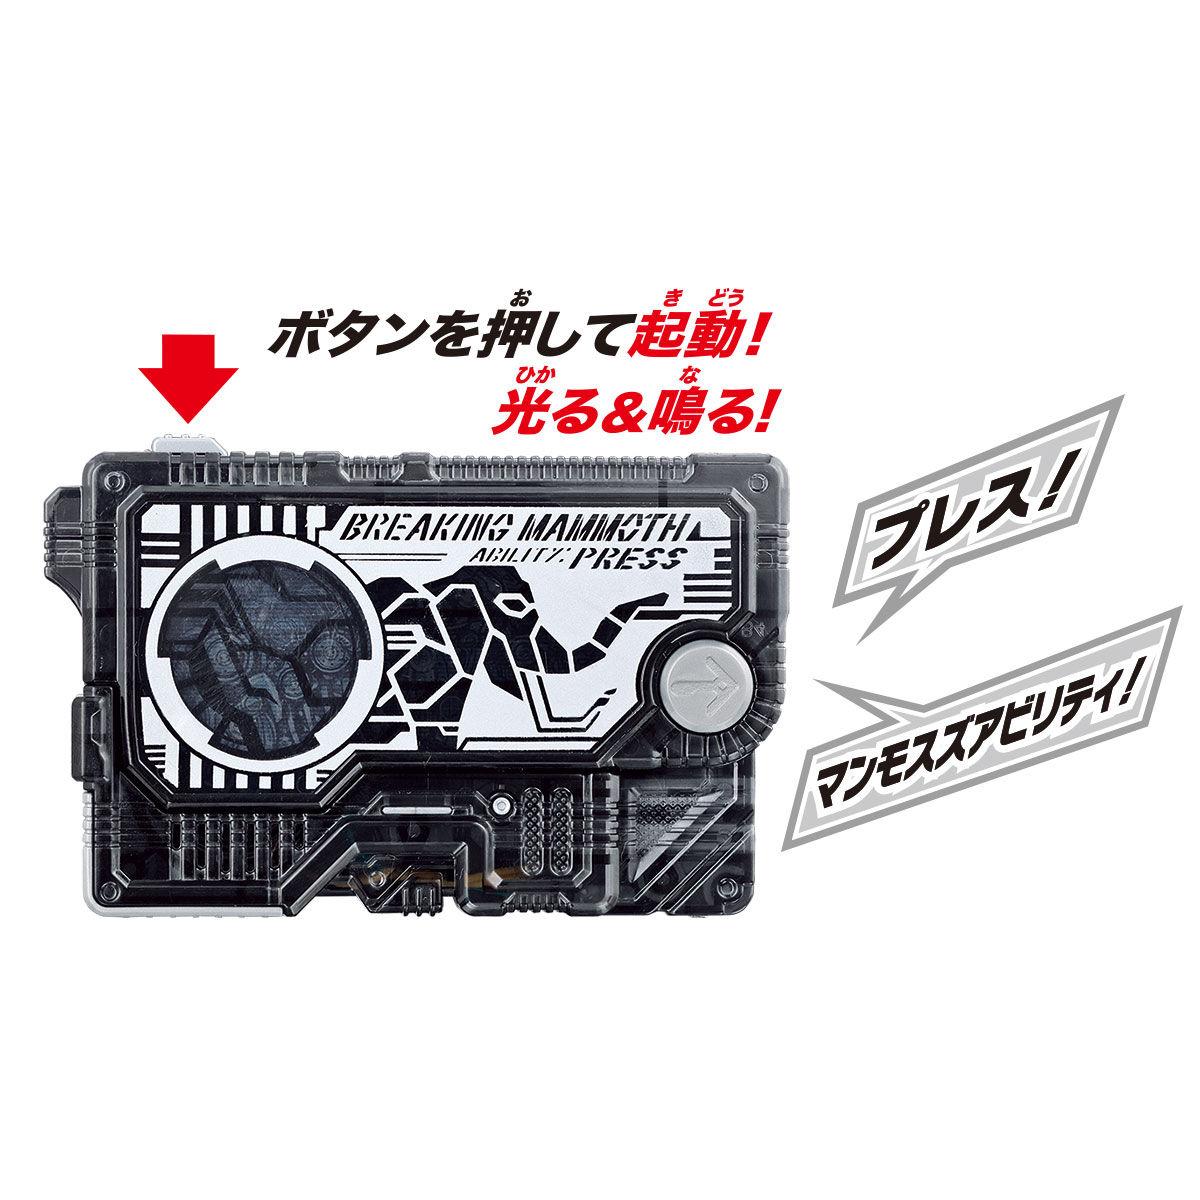 仮面ライダーゼロワン『DXブレイキングマンモス&ブレイキングマンモスプログライズキー』変身なりきり-010